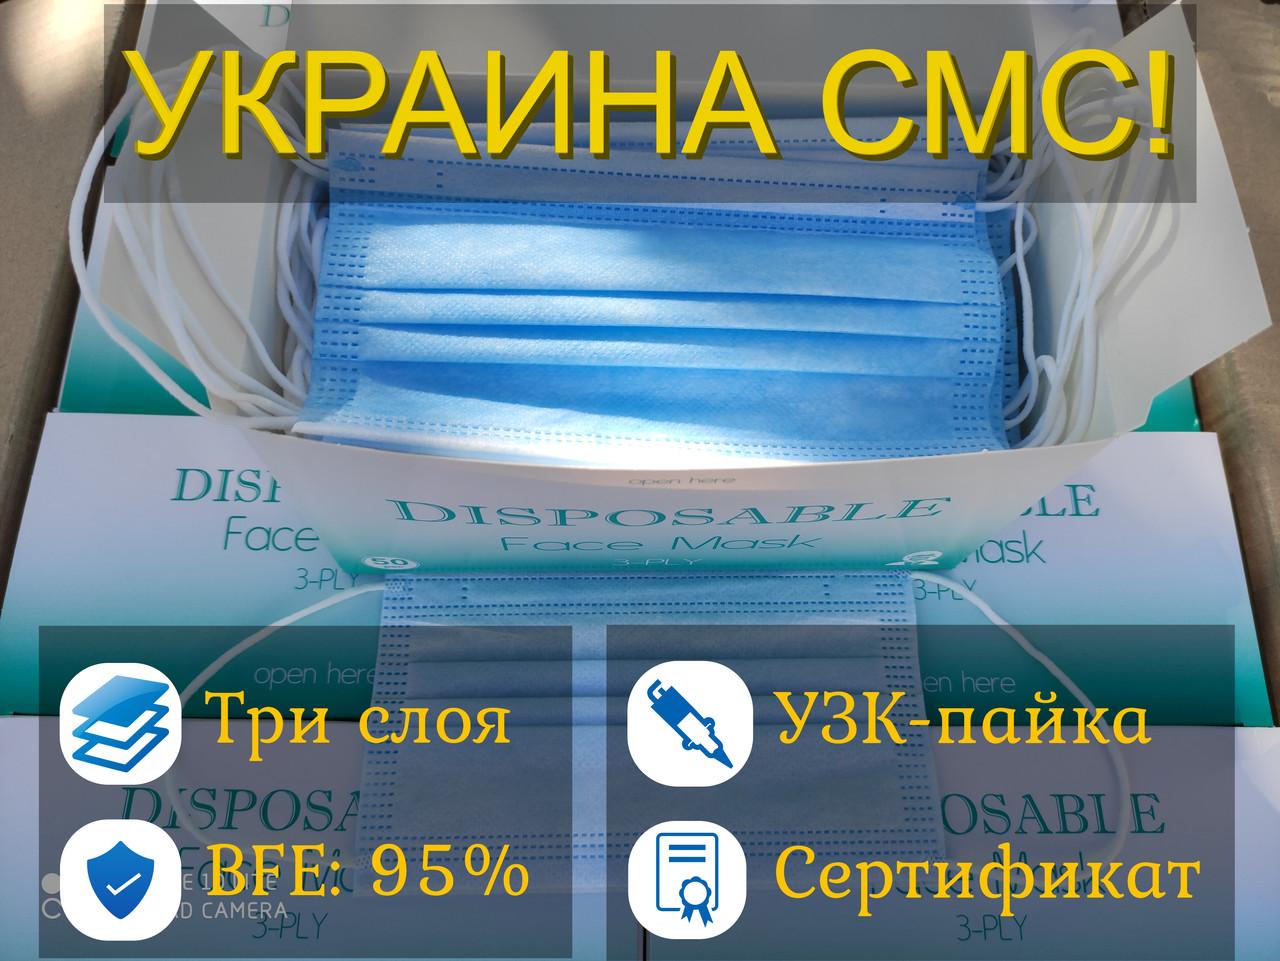 Маски медицинские КАЧЕСТВО! Трехслойные, фильтр мельтблаун, фиксатор, Китай/Украина Украина СМС